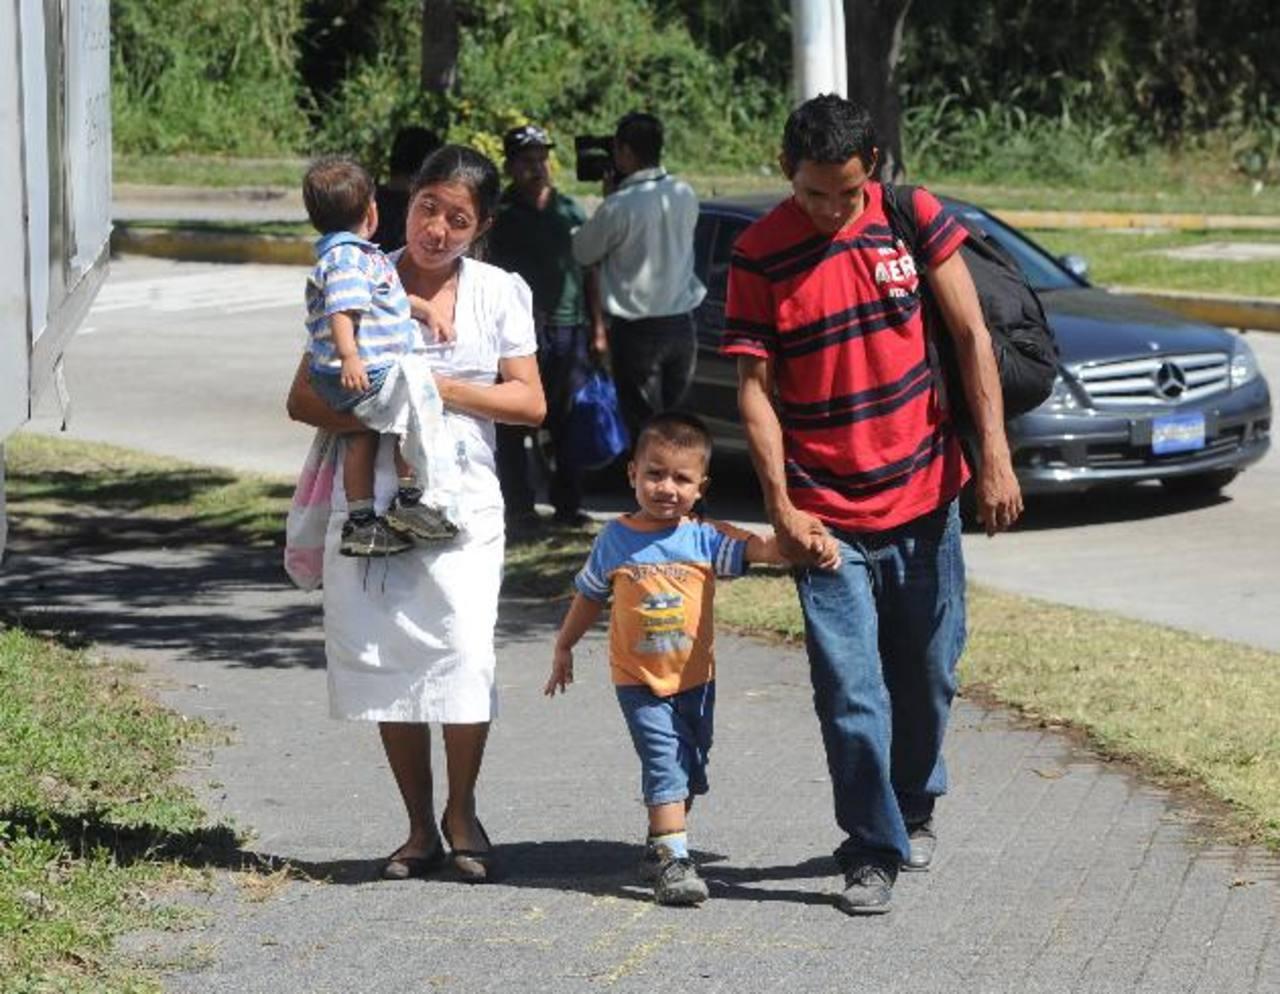 La familia Hernández caminó varias cuadras desorientada.